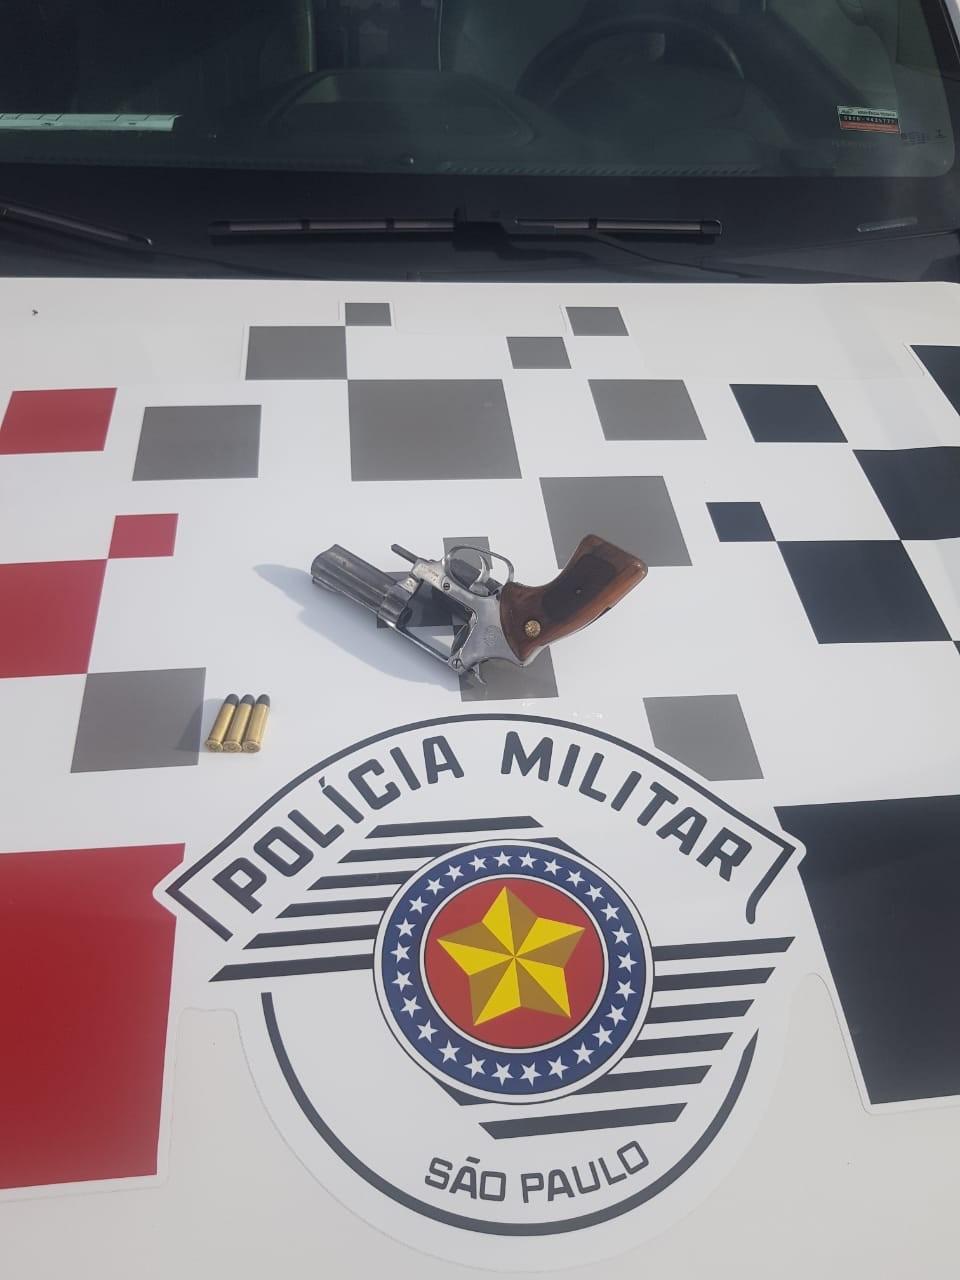 Suspeito é preso após tentativa de roubo a idoso na porta de agência bancária em Campinas - Notícias - Plantão Diário